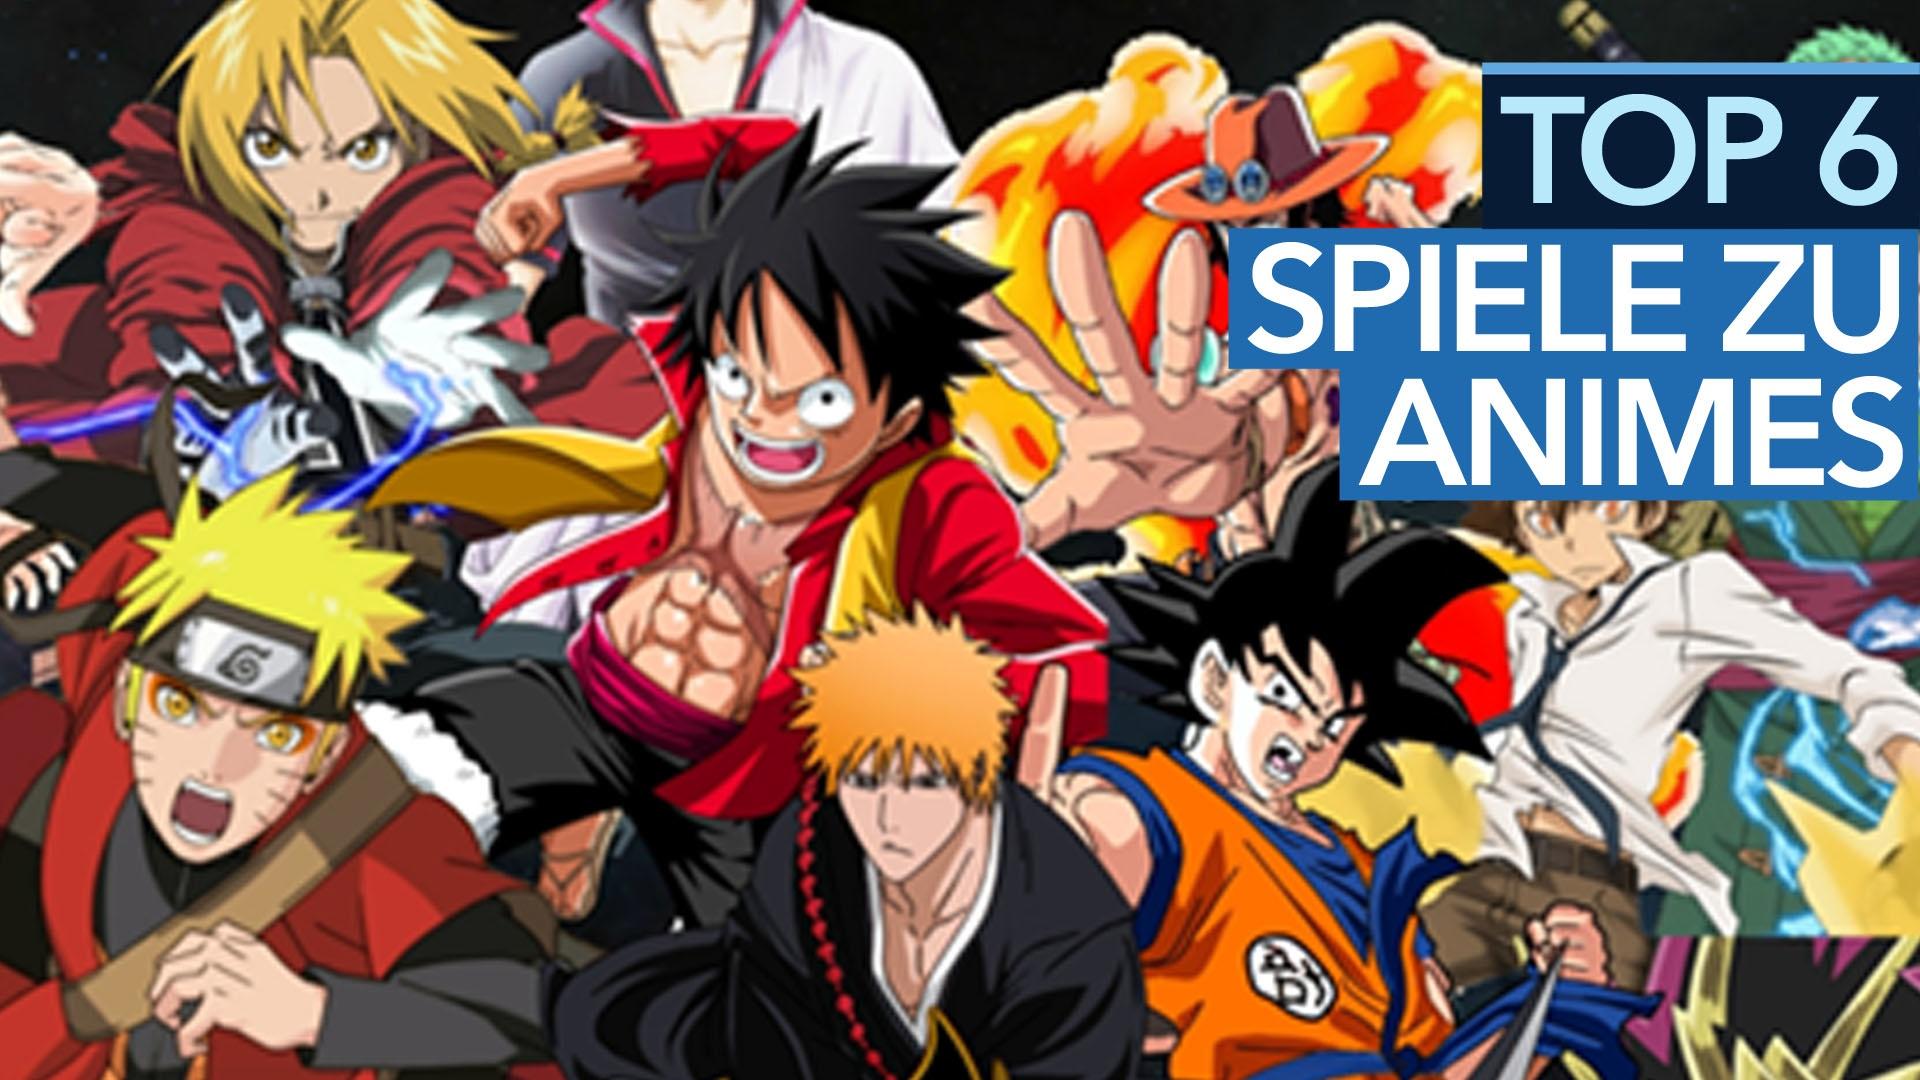 One Piece Spiele Kostenlos